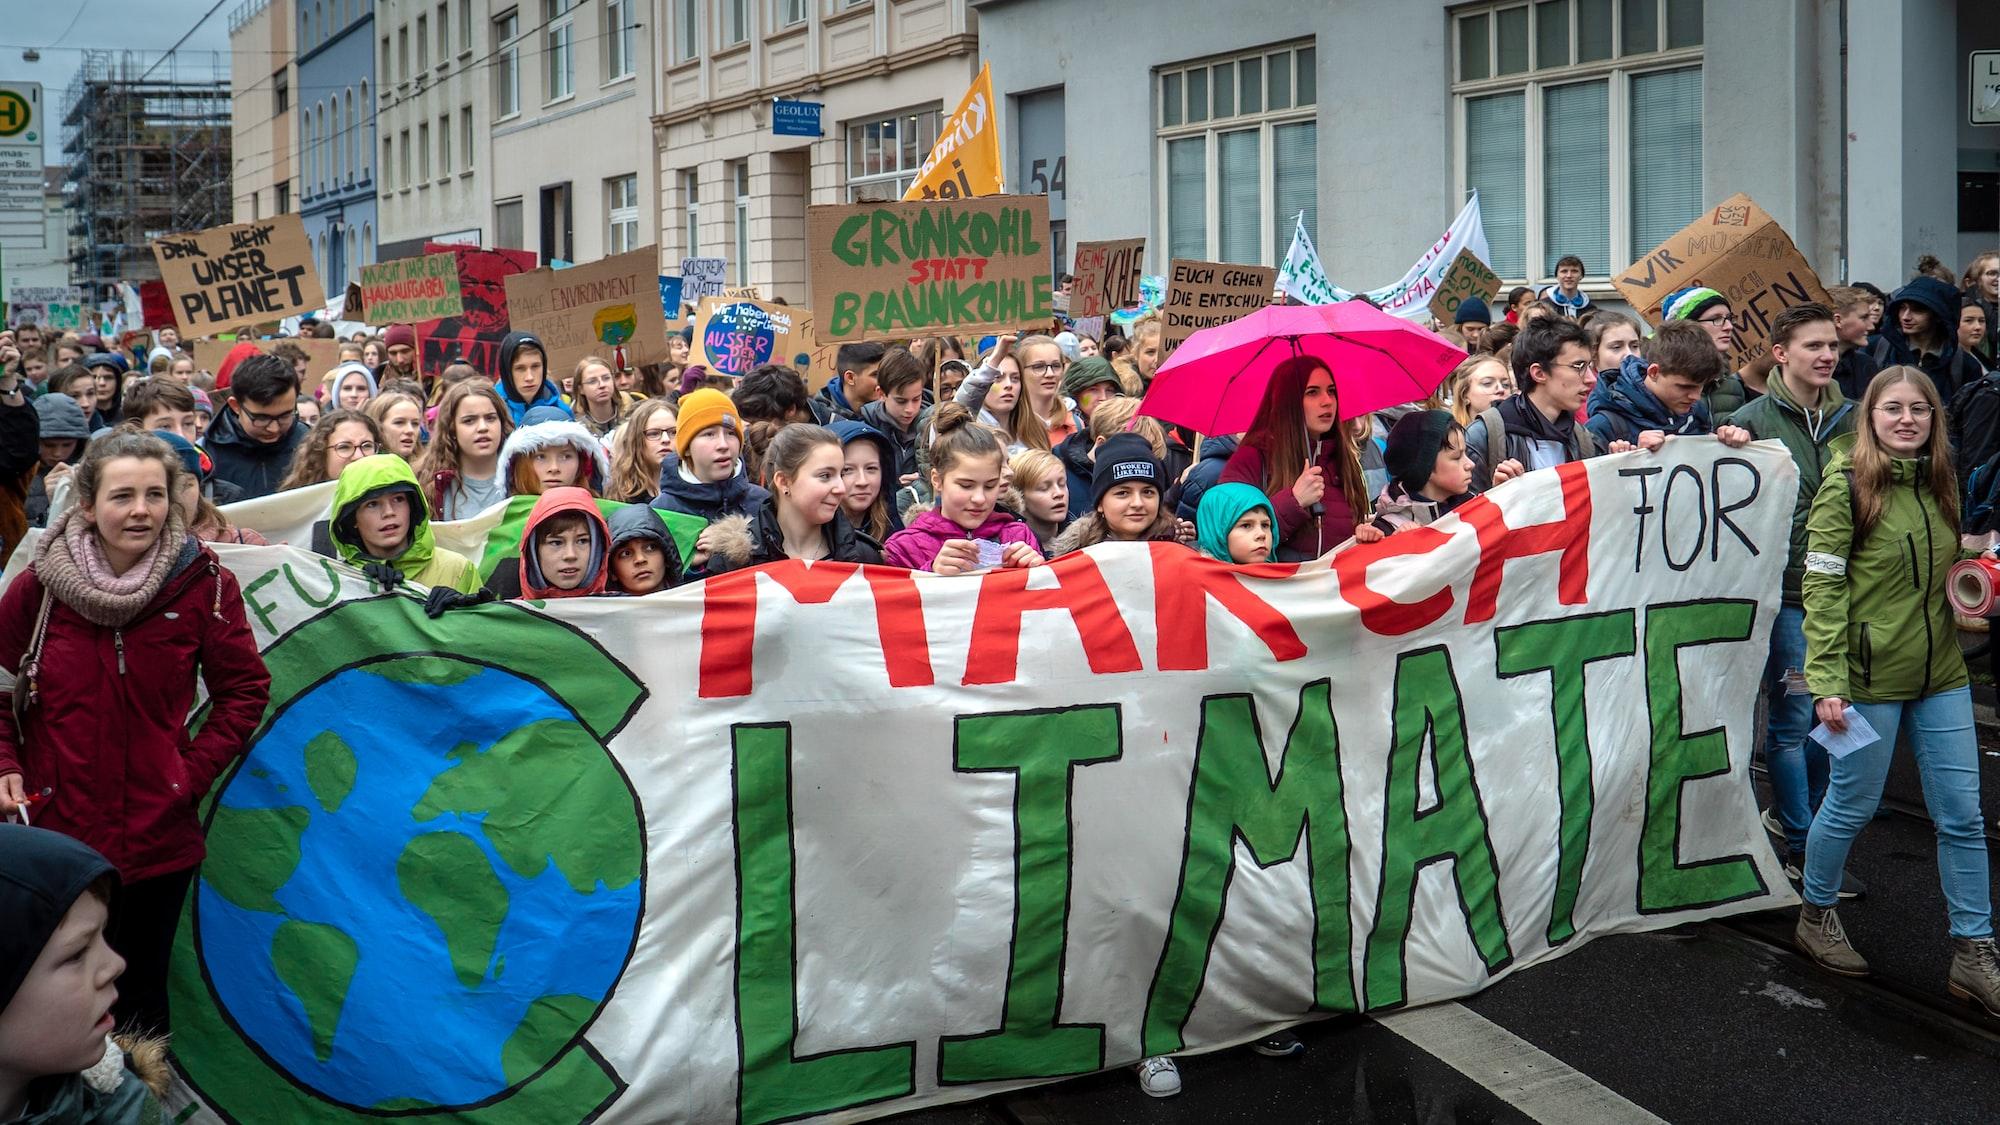 Interpelacja nr 14192 do ministra edukacji narodowej w sprawie treści dotyczących zmian klimatycznych oraz ochrony środowiska w podstawie programowej nauczania w szkołach podstawowych i ponadpodstawowych